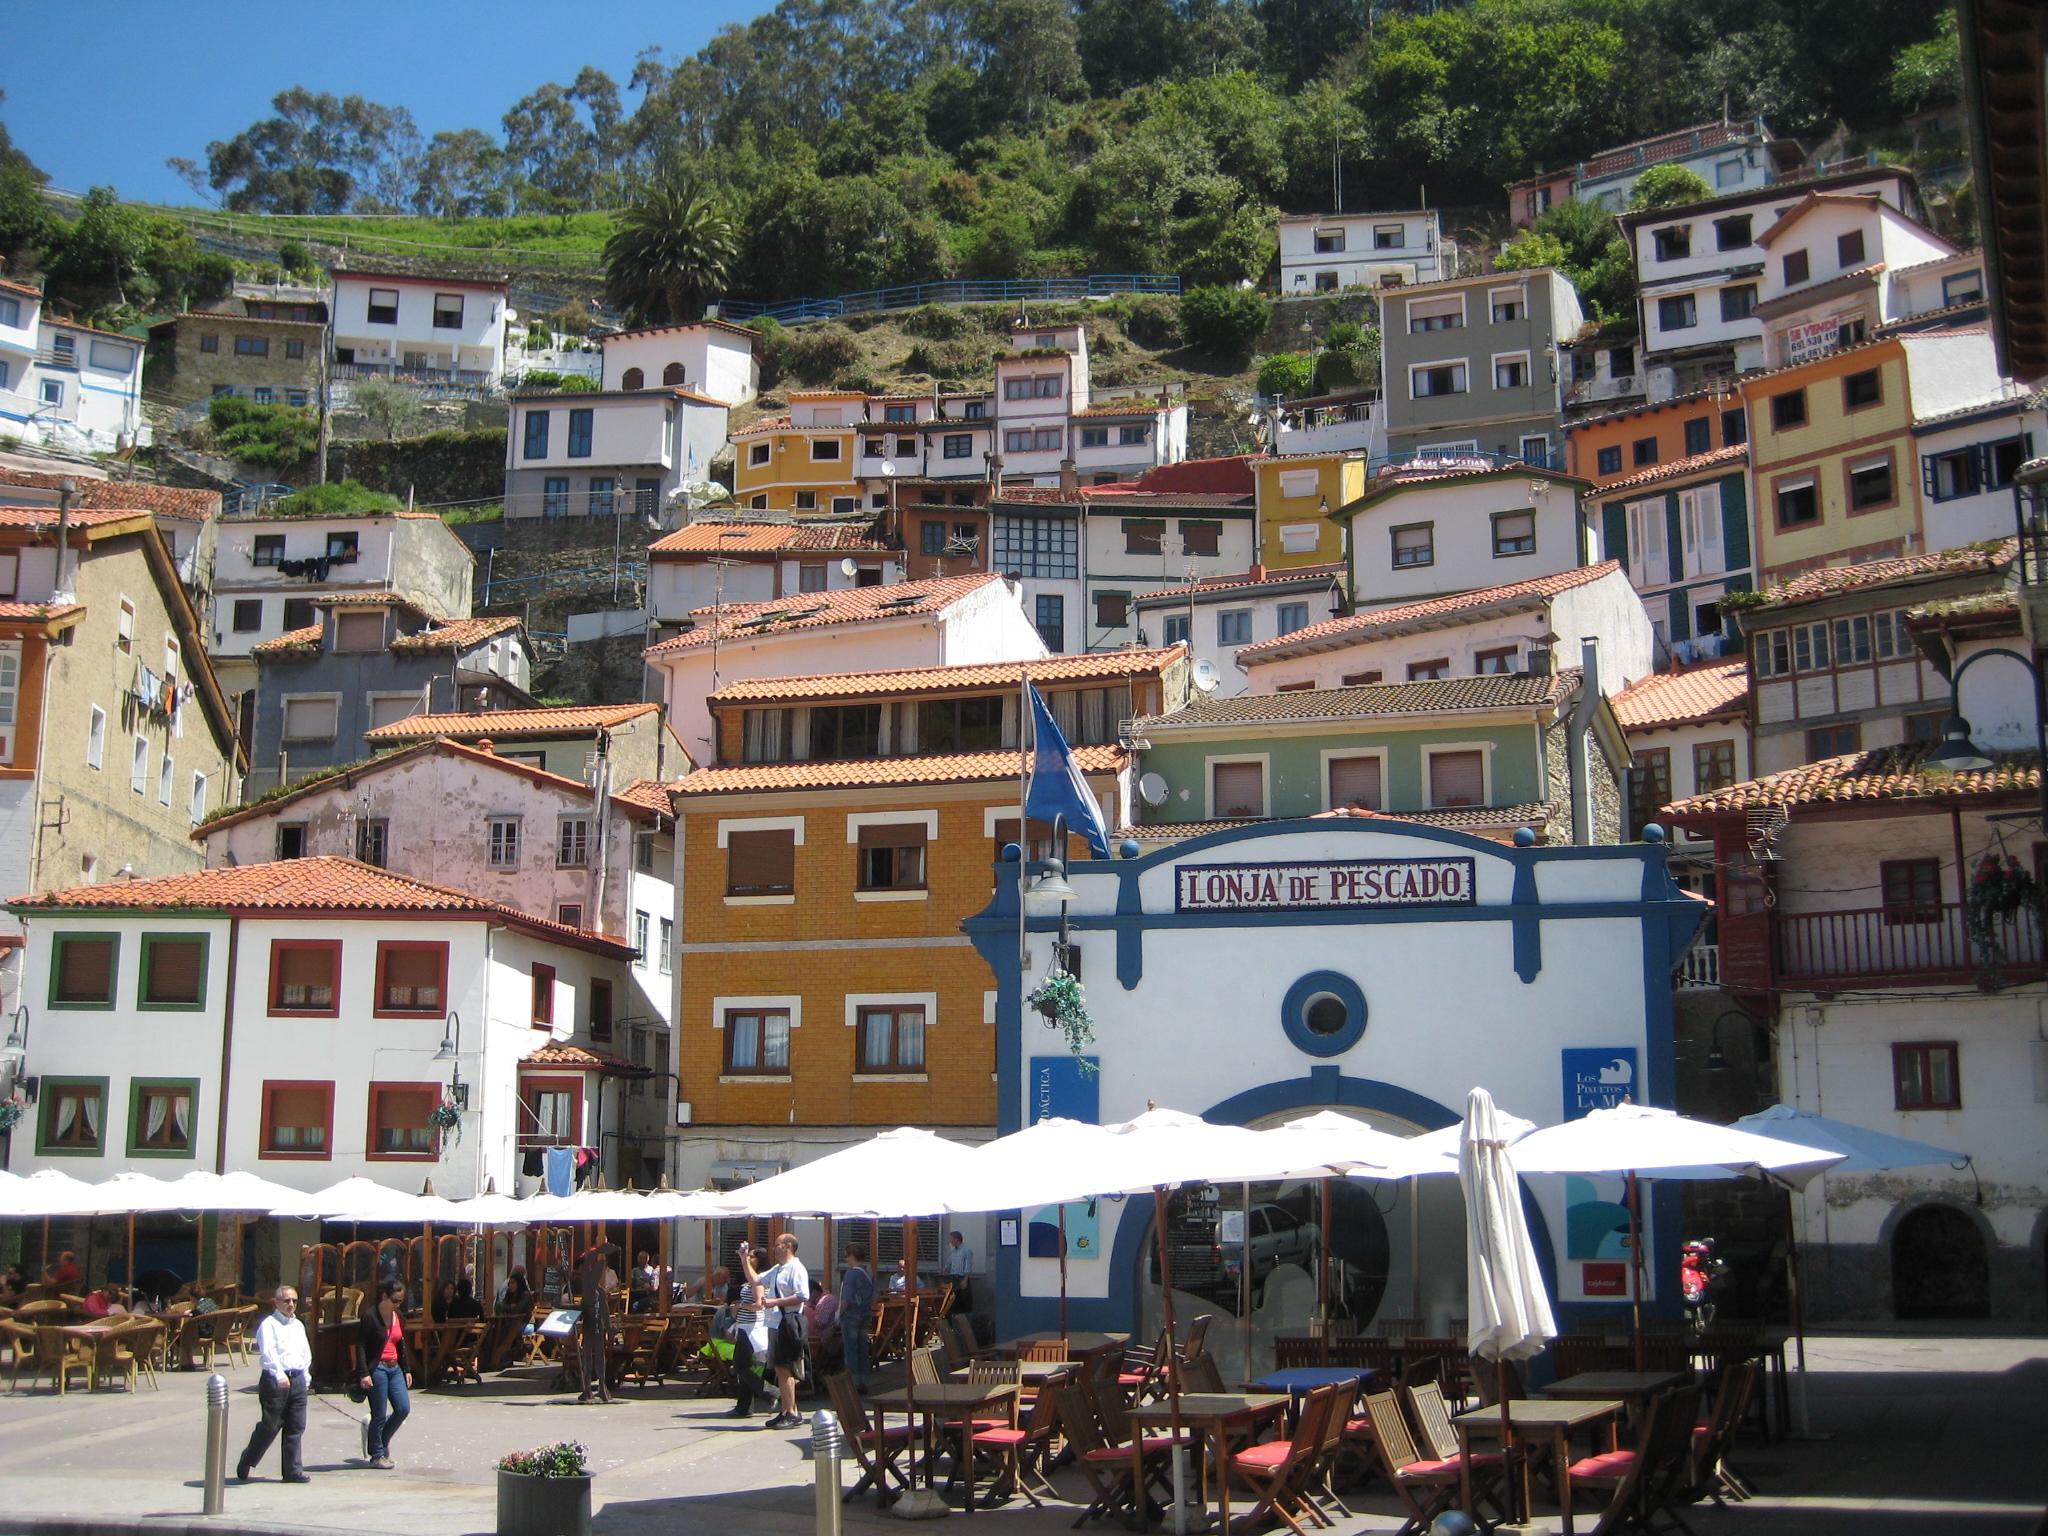 Астурия испания недвижимость